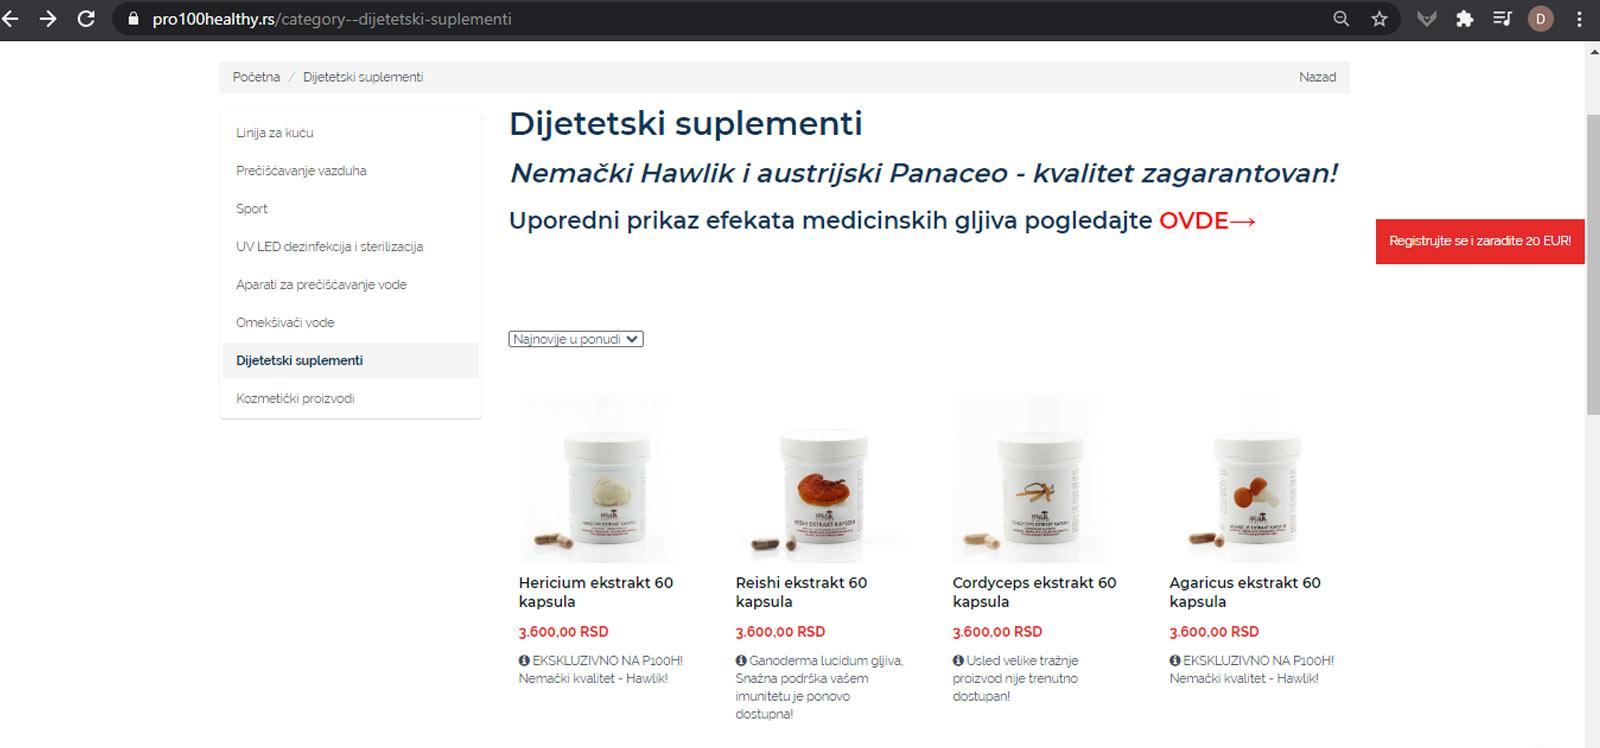 Preglednost proizvoda pro100healthy